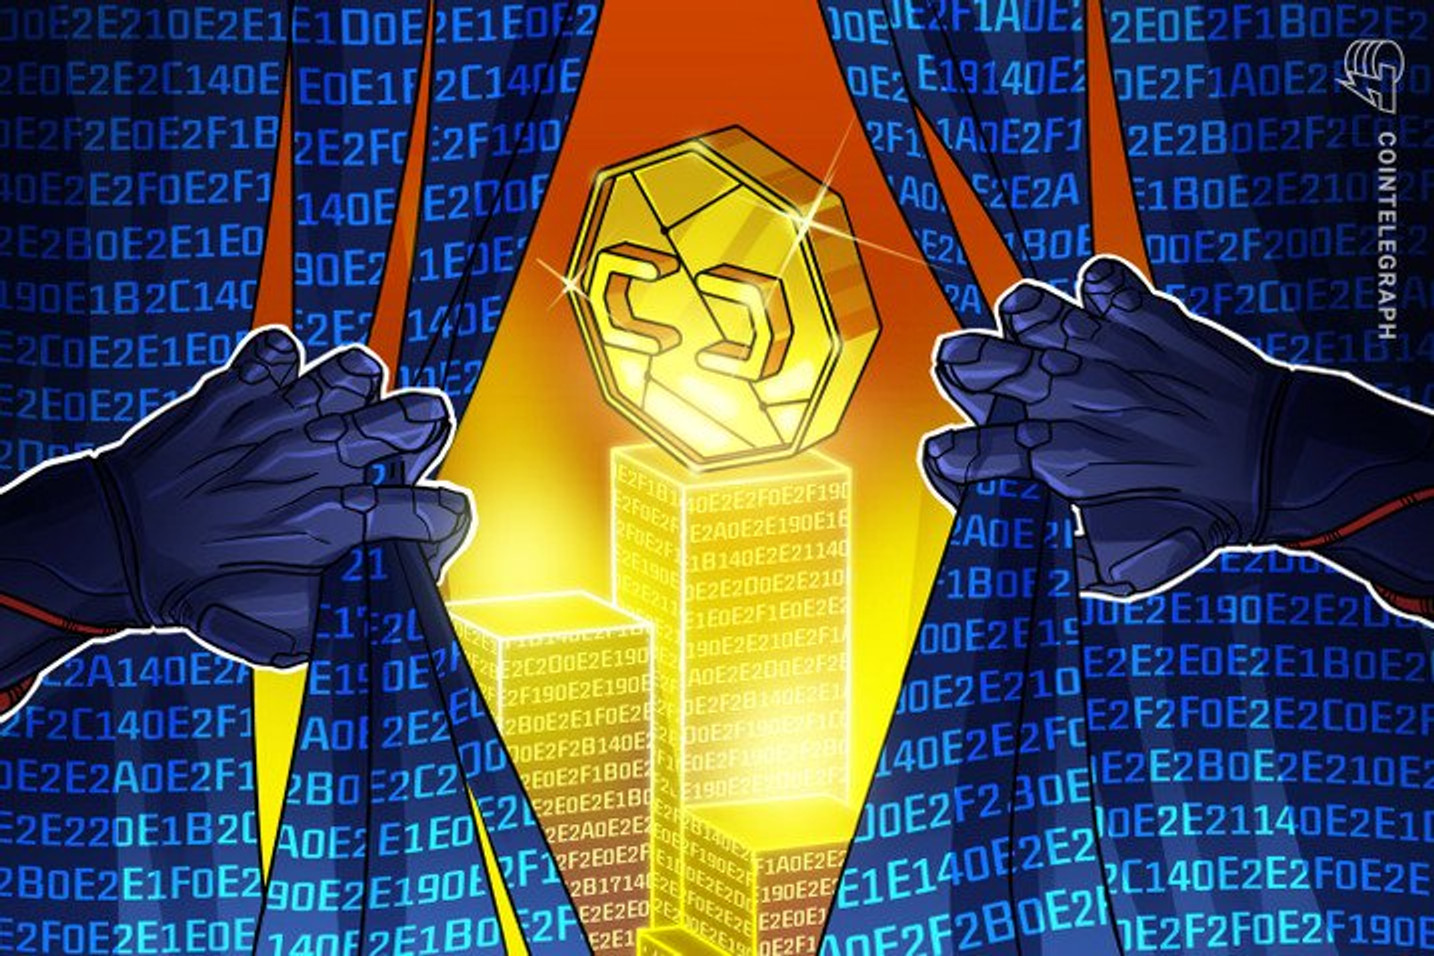 Aceleradora que ajudou o Google a virar sucesso investe em empresa de criptomoedas do Brasil